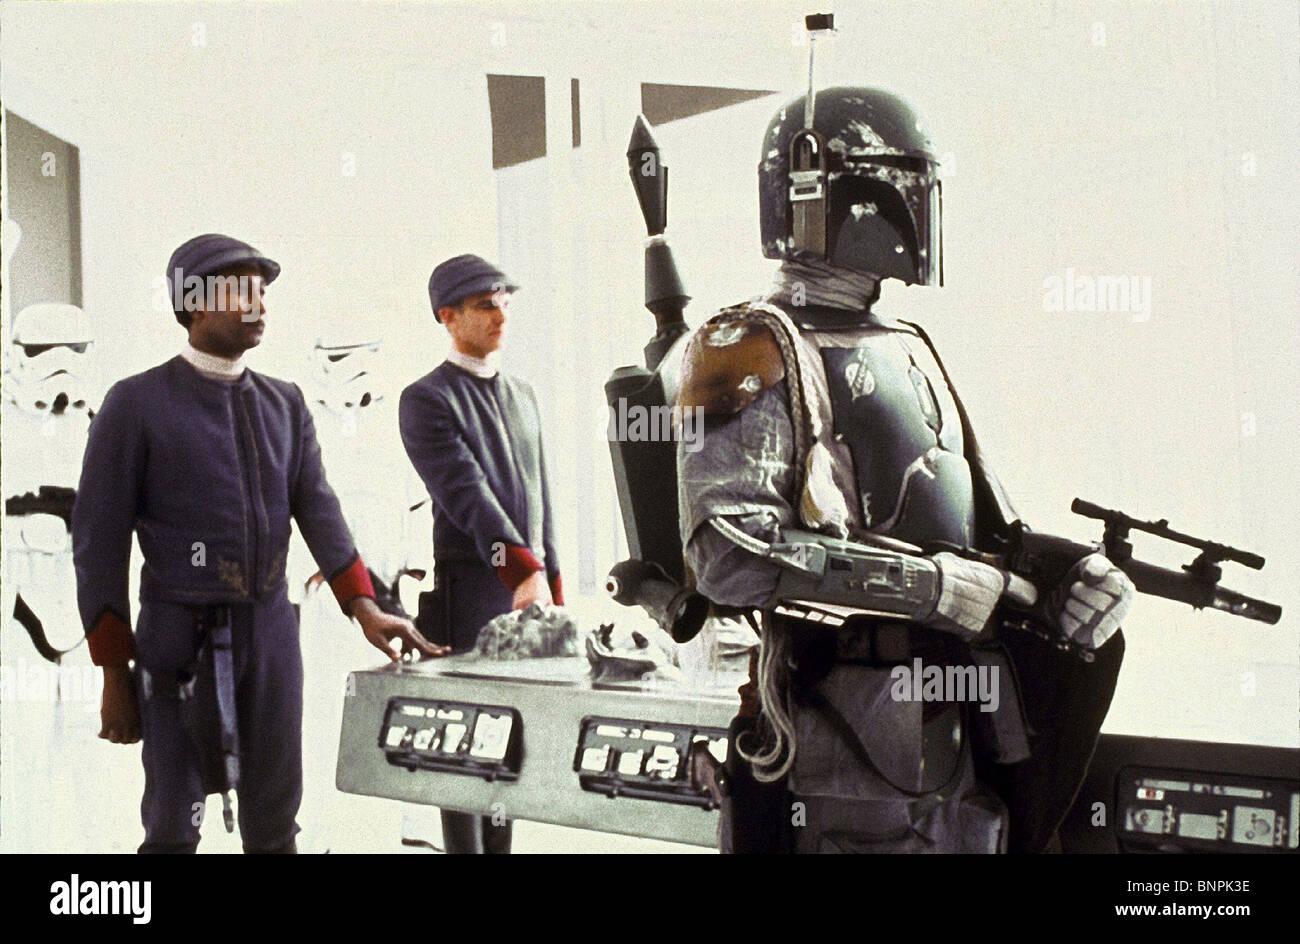 Boba Fett Empire Strikes Back Helmet